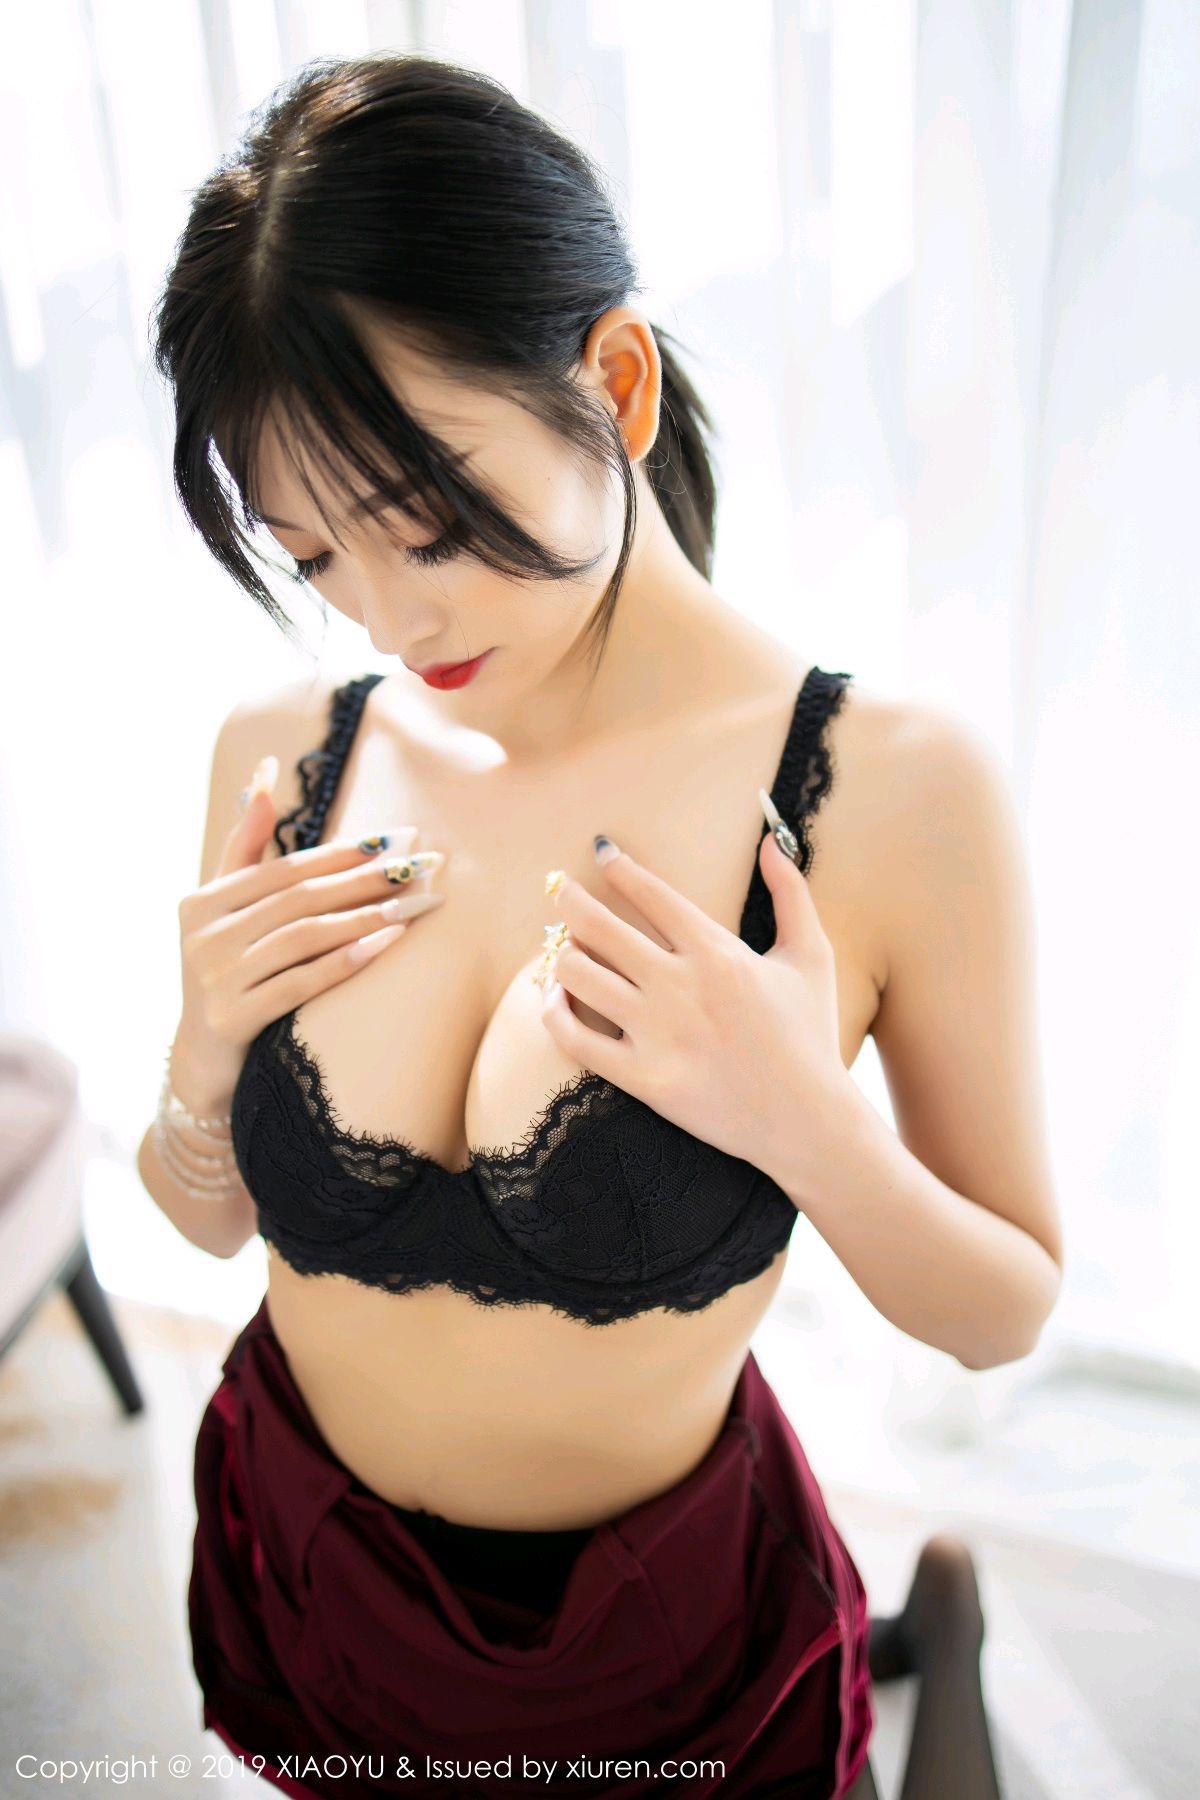 [XiaoYu] Vol.152 Yang Chen Chen 55P, Black Silk, Cheongsam, Tall, XiaoYu, Yang Chen Chen